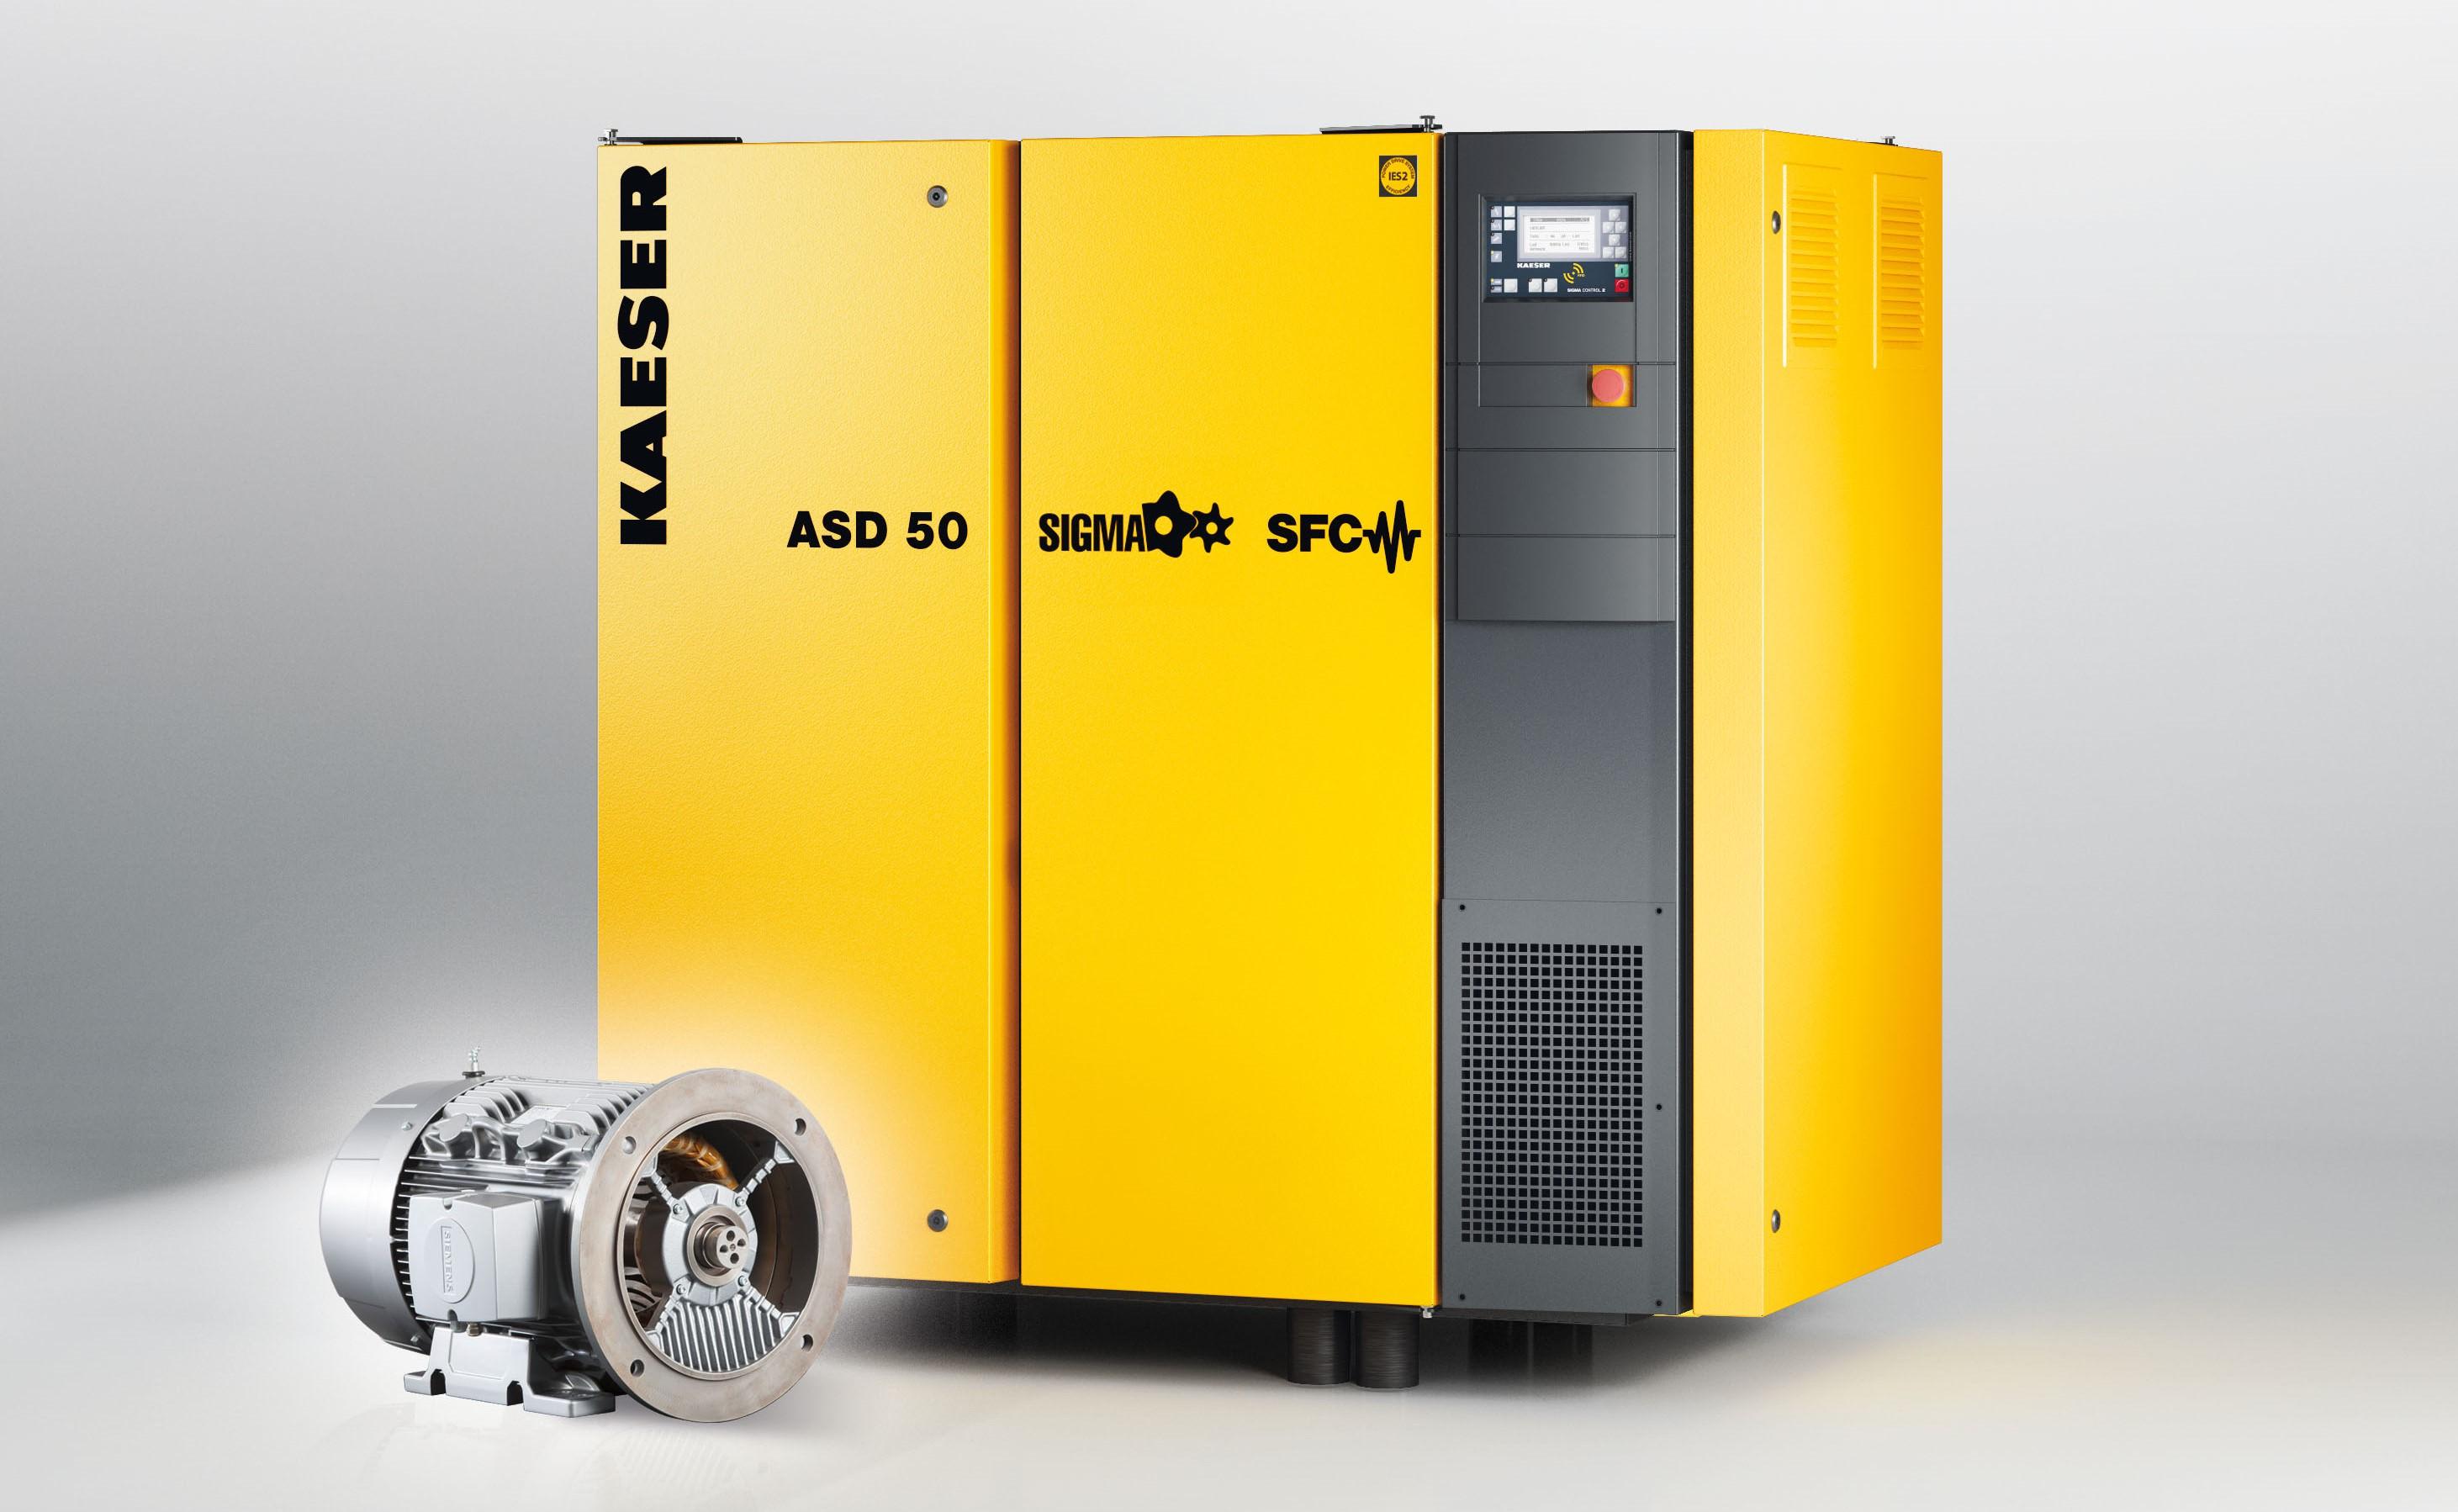 Kaeser ASD 50 Rotary Screw Air Compressor